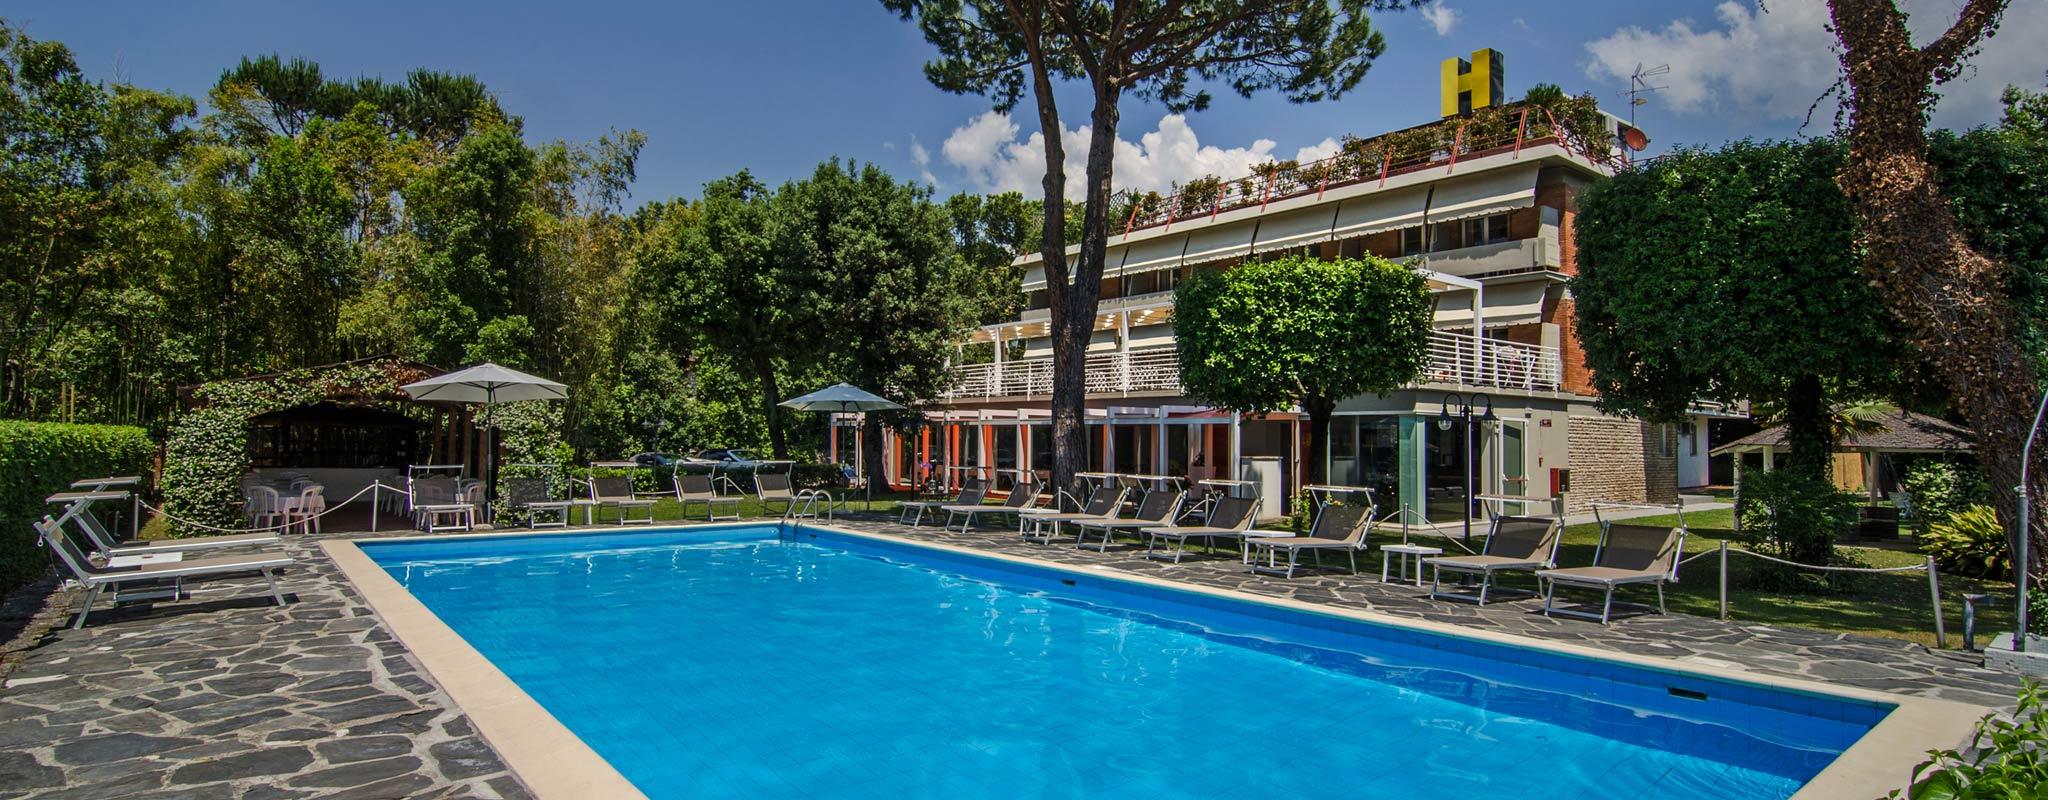 Hotel Hermitage a Marina di Massa, Albergo con piscina a Ronchi